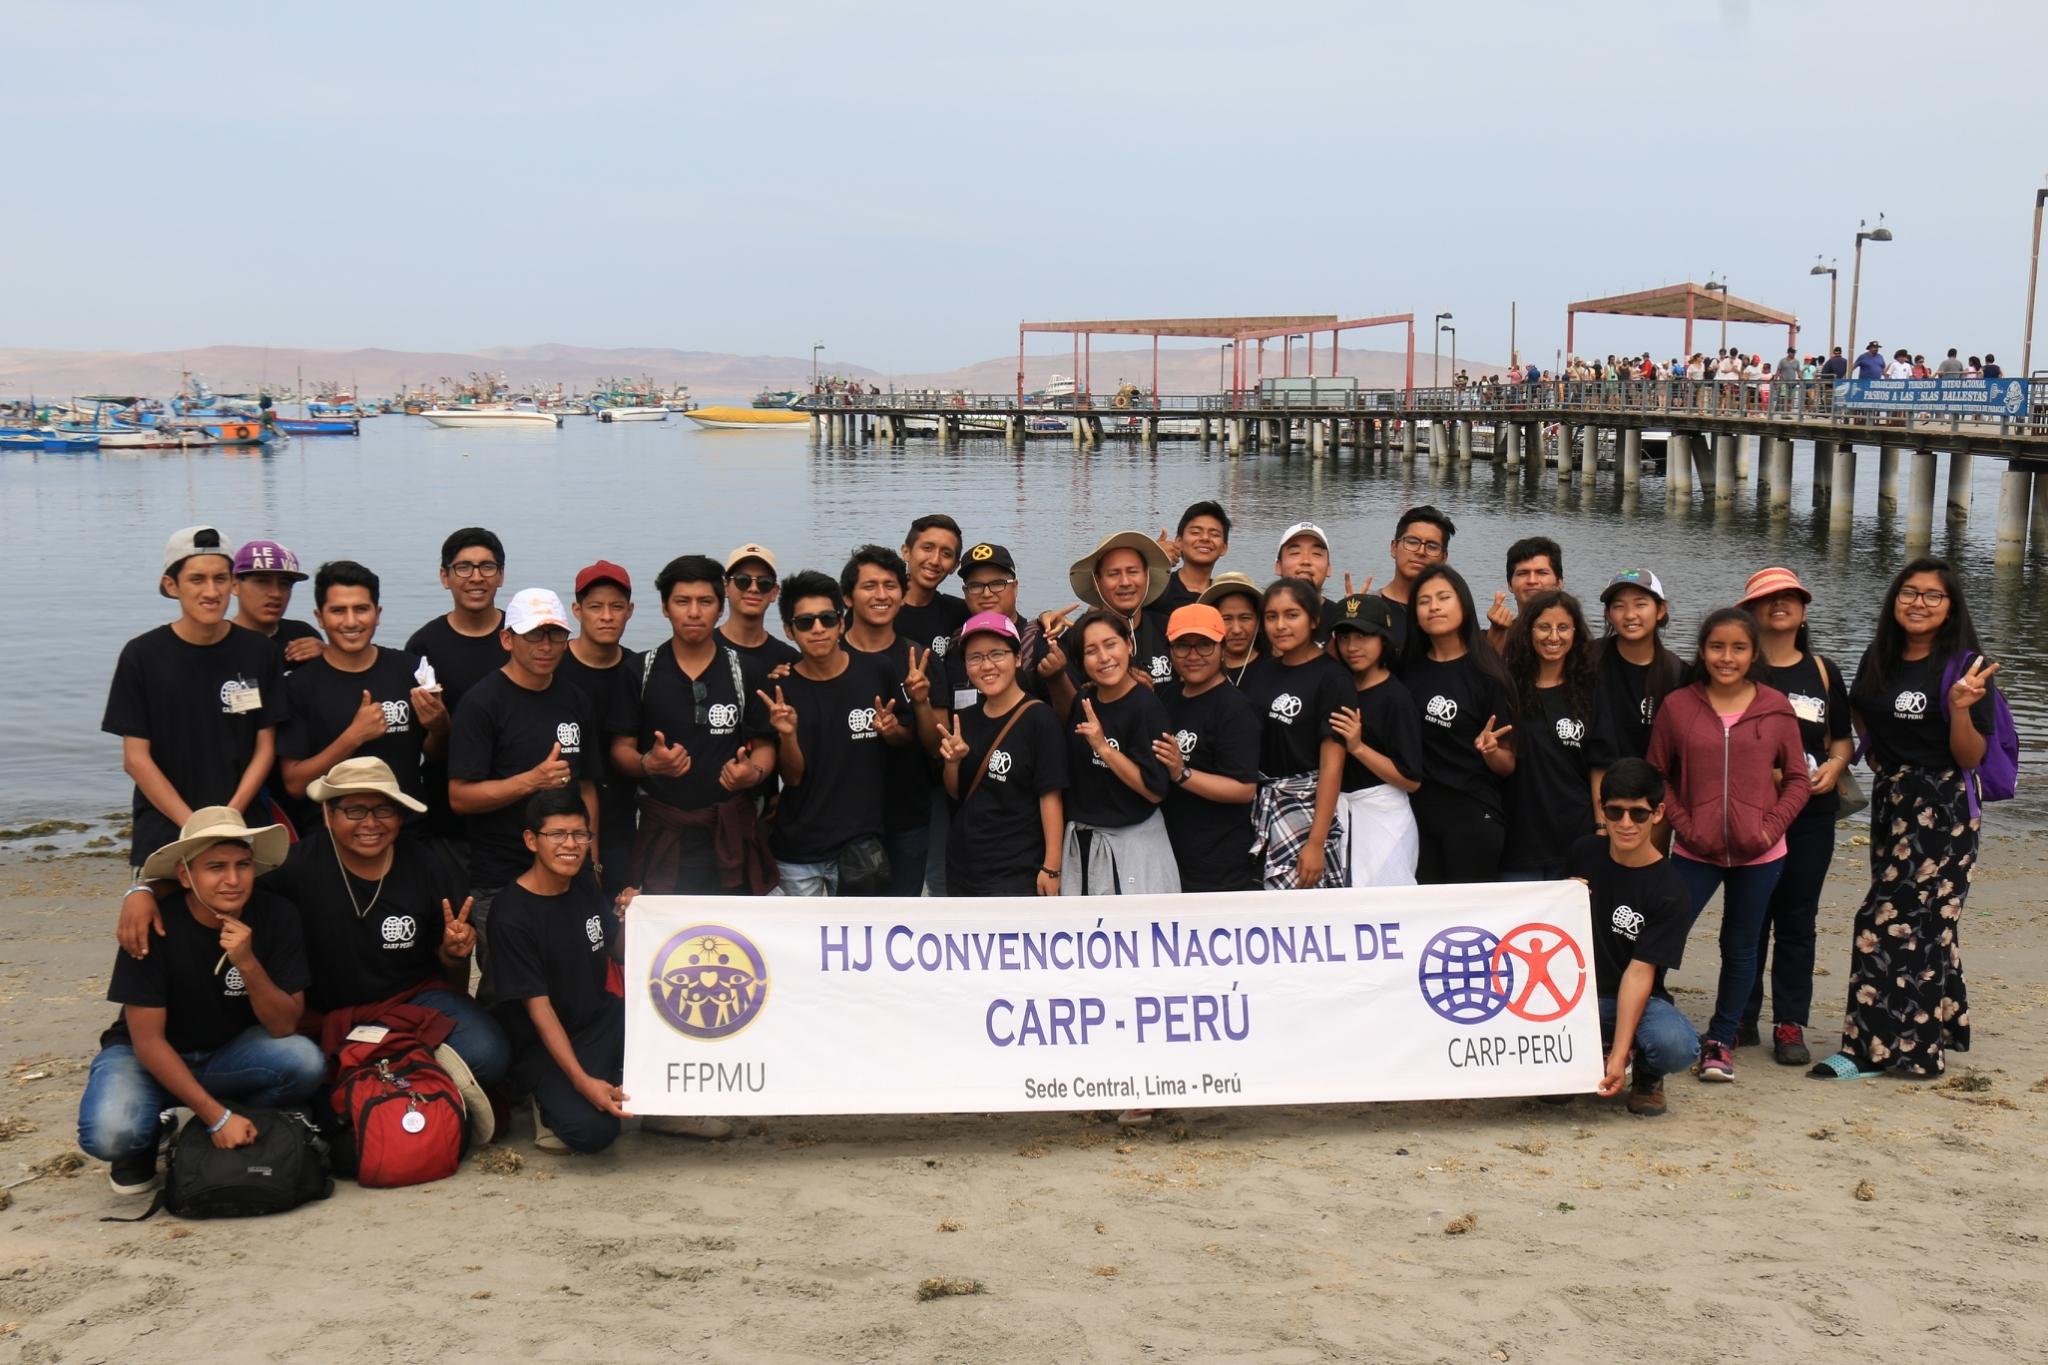 Group Photo on the Beach!